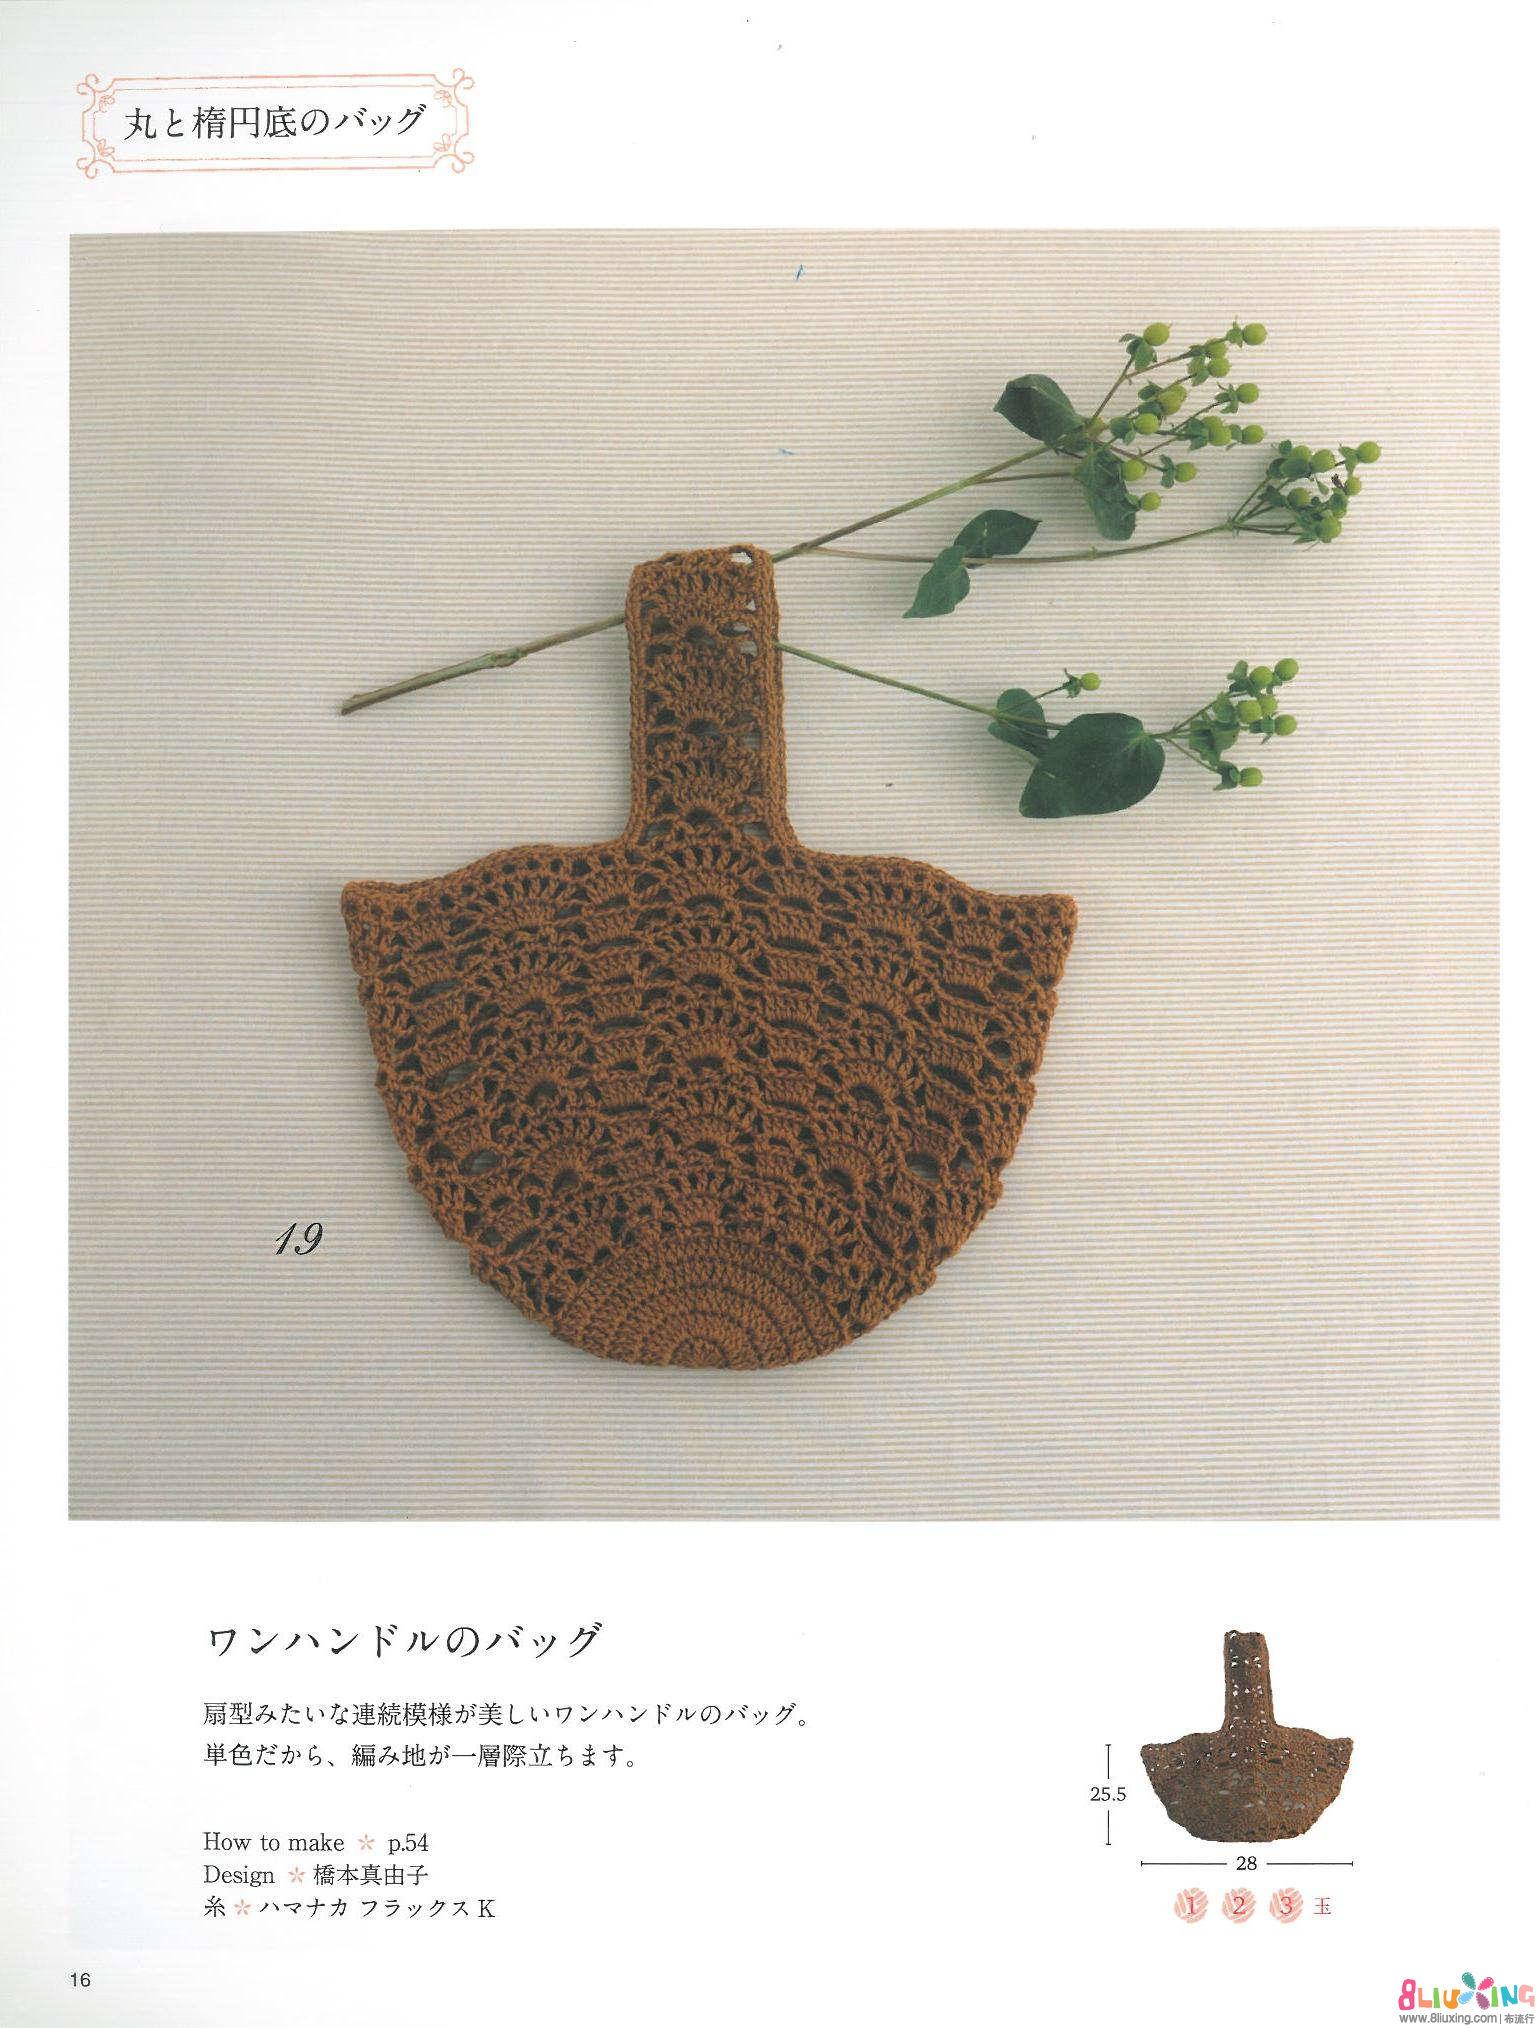 手包图纸 手工皮具手包制作图纸 自制布艺手包图纸